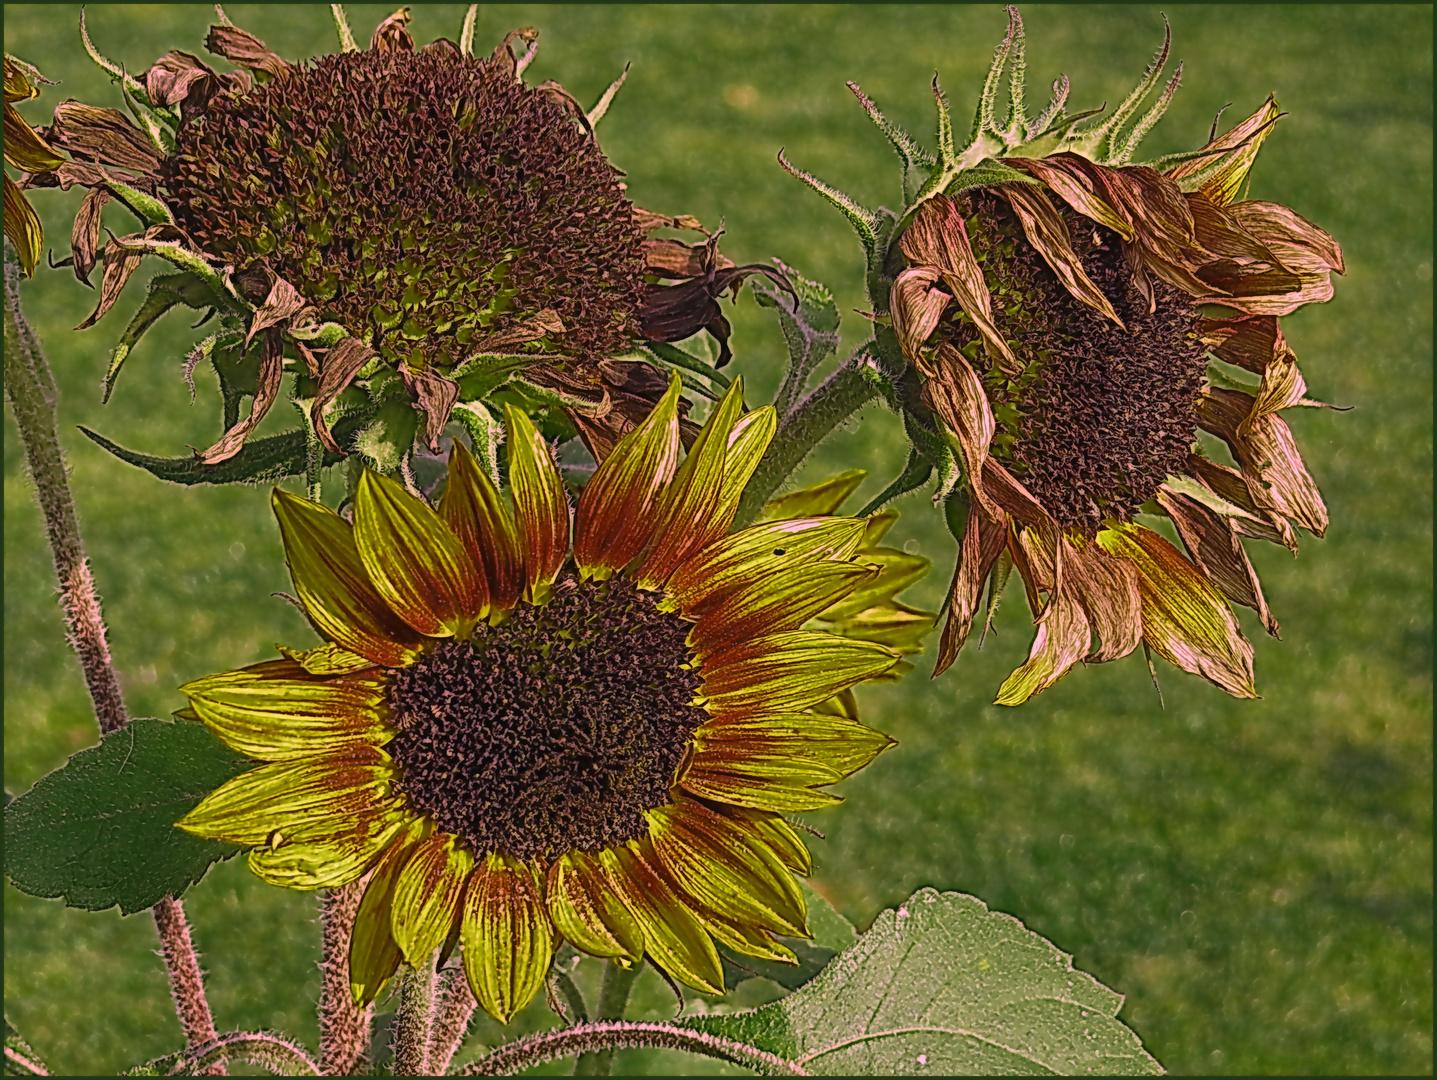 von heute Mittag - die letzten Sonnenblumen am Terrasseneingang